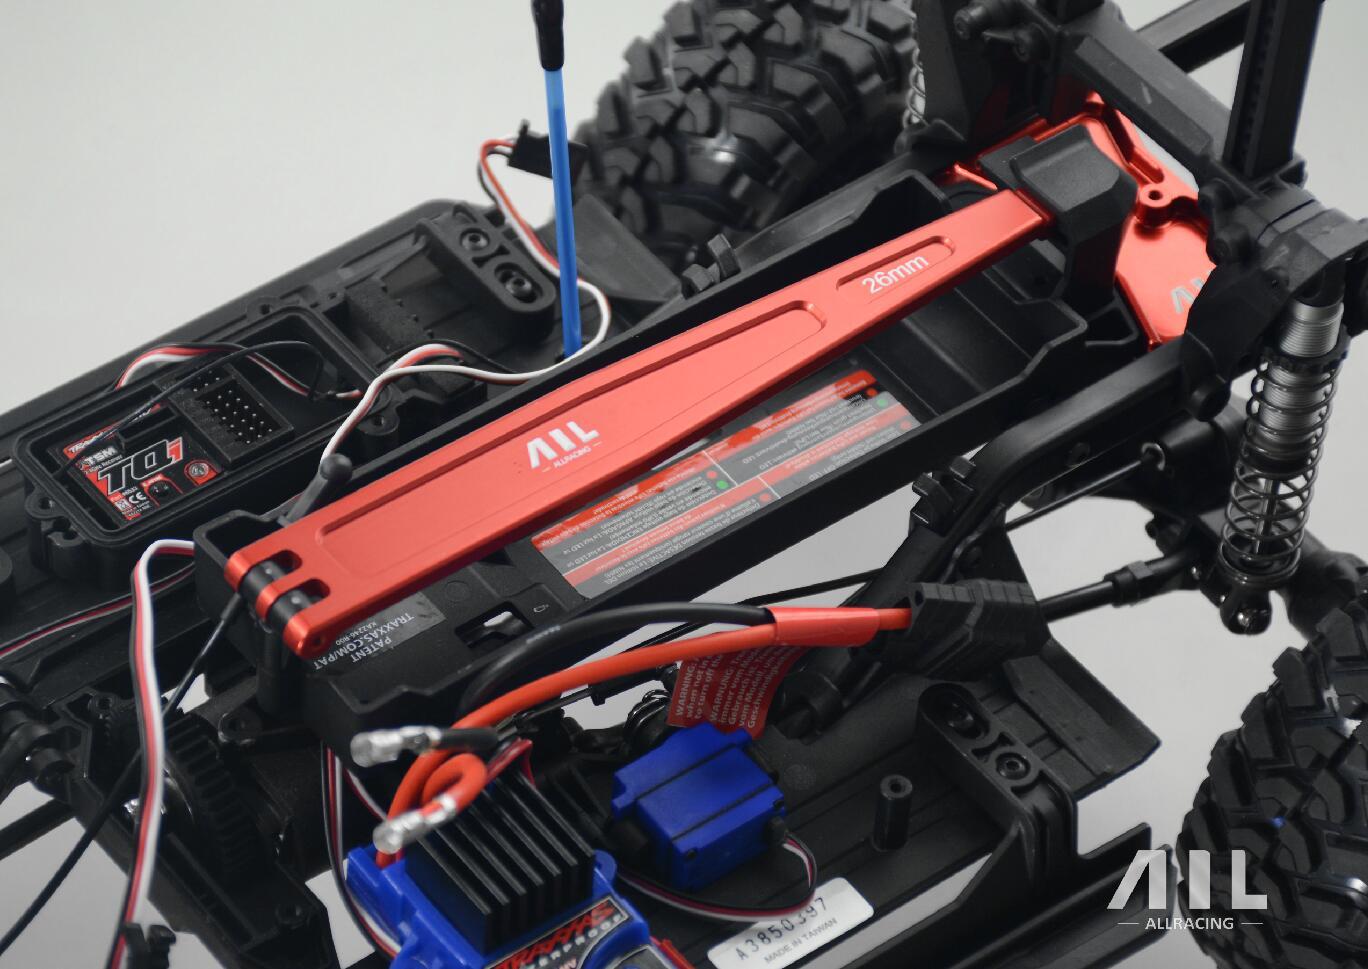 1/10 Rc Car Upgrade Partie Traxxas Trx 4 Trx-4 Escalade Cellule De Batterie De Voiture Plaque De Fixation